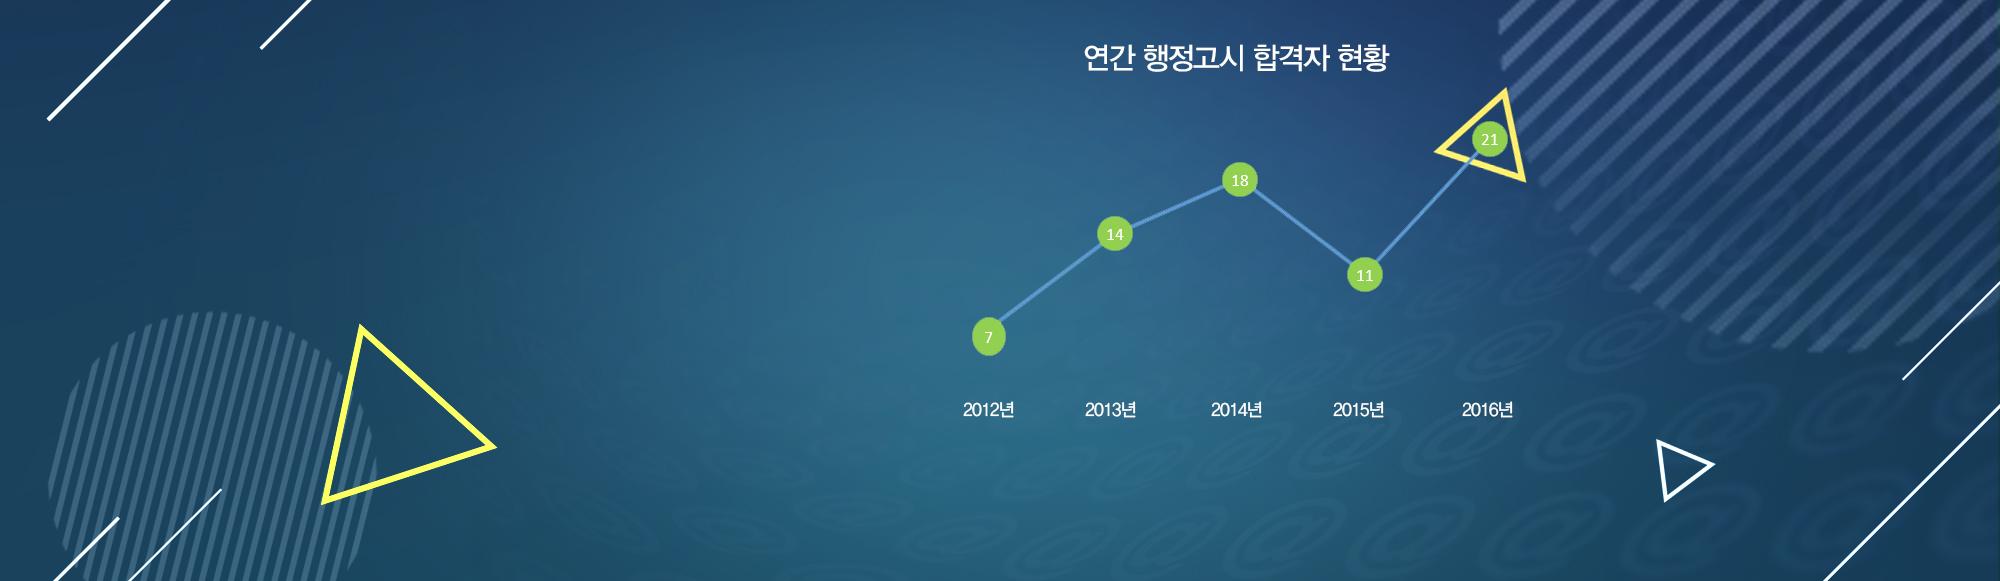 2016 5급공채 행정직 최종발표